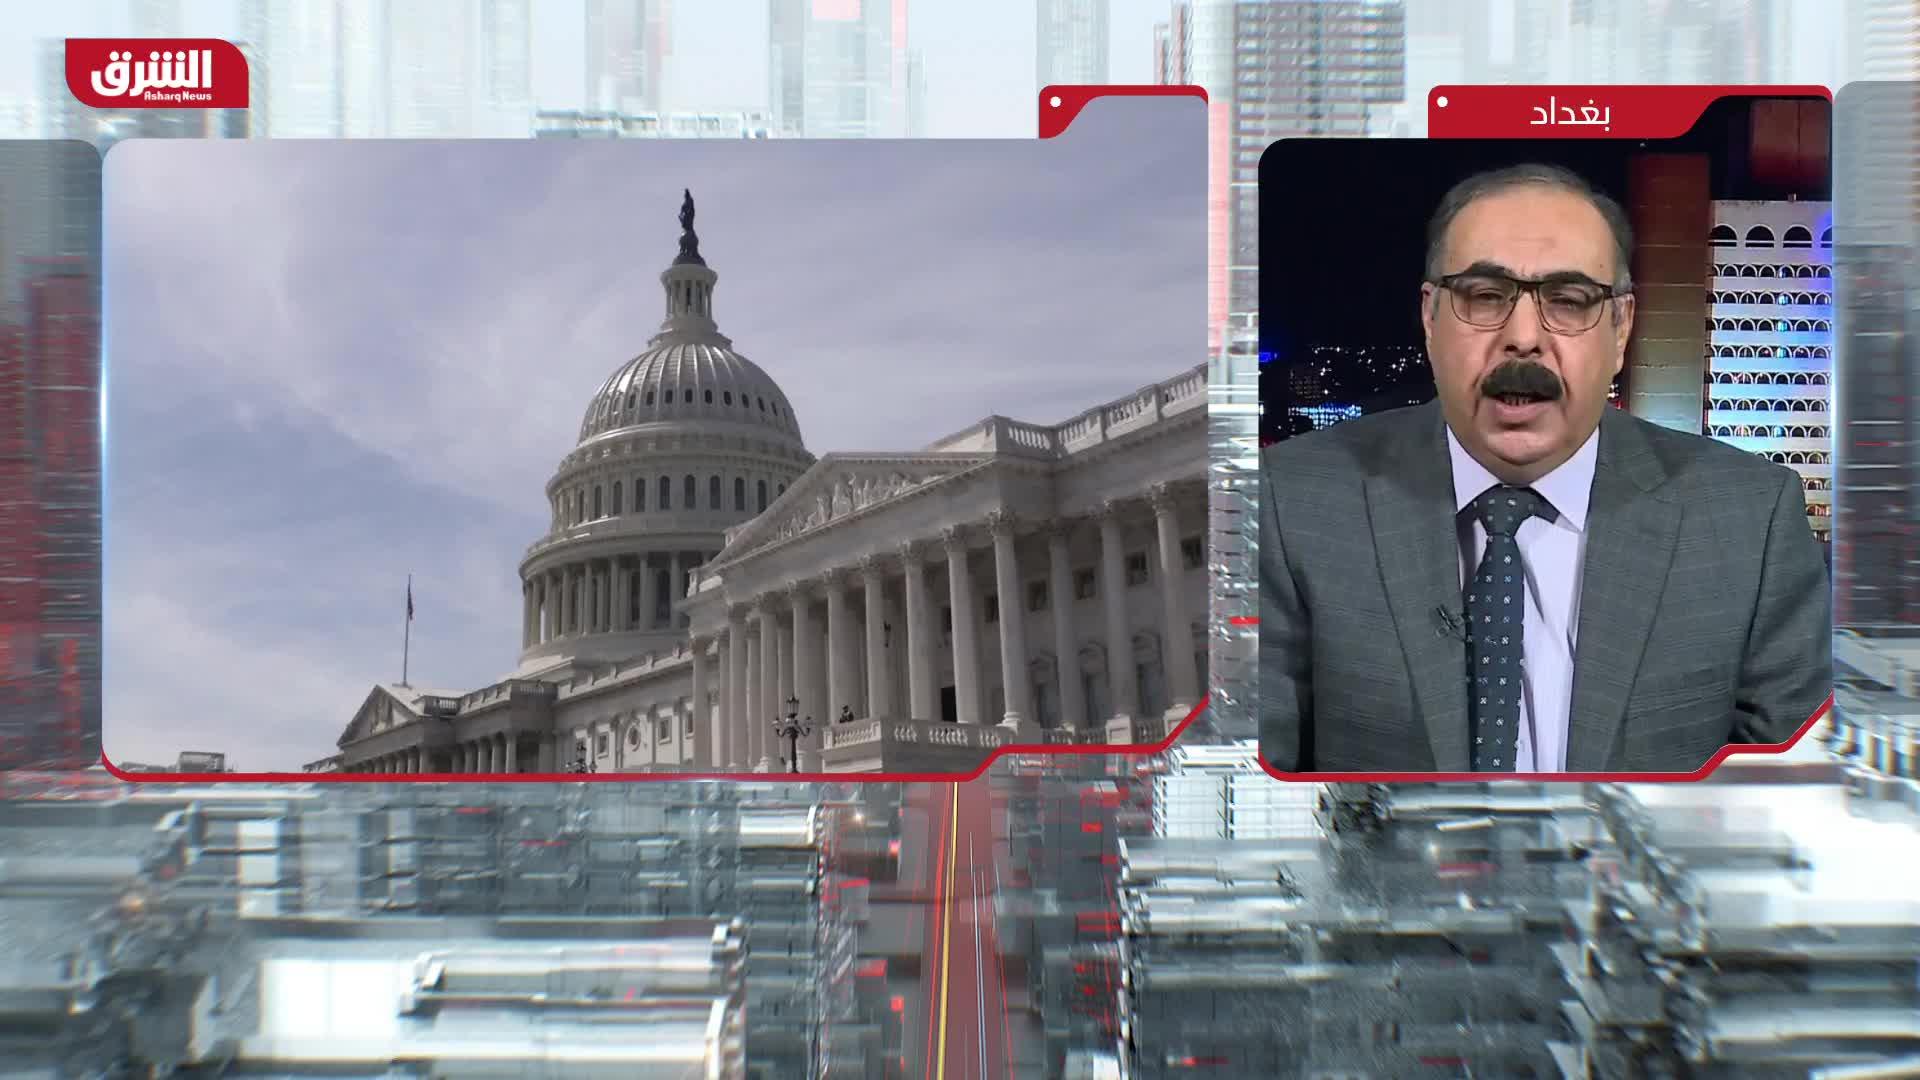 مجلس النواب الأميركي يلغي تفويض الحرب إلى الرئيس